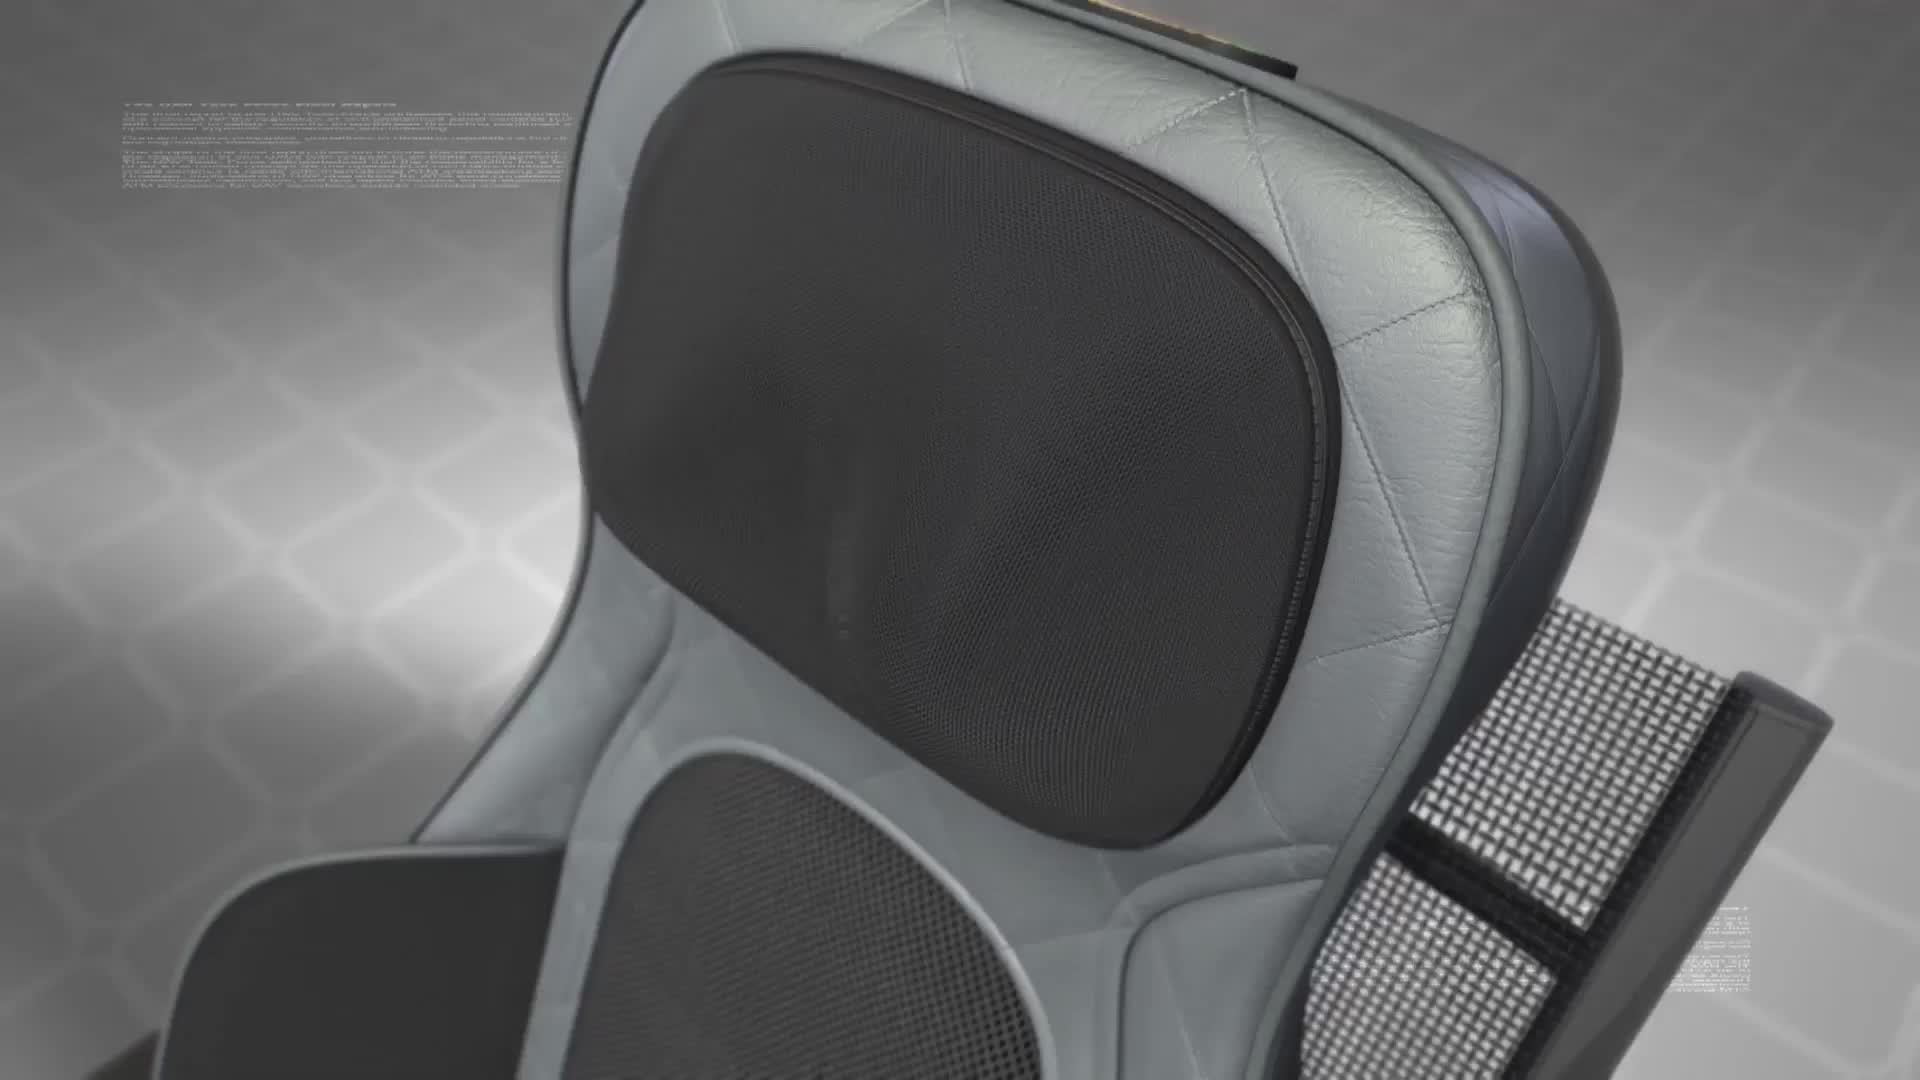 La tutela della salute 4d electro full body relax nuru sedia di massaggio prodotti per i Muscoli